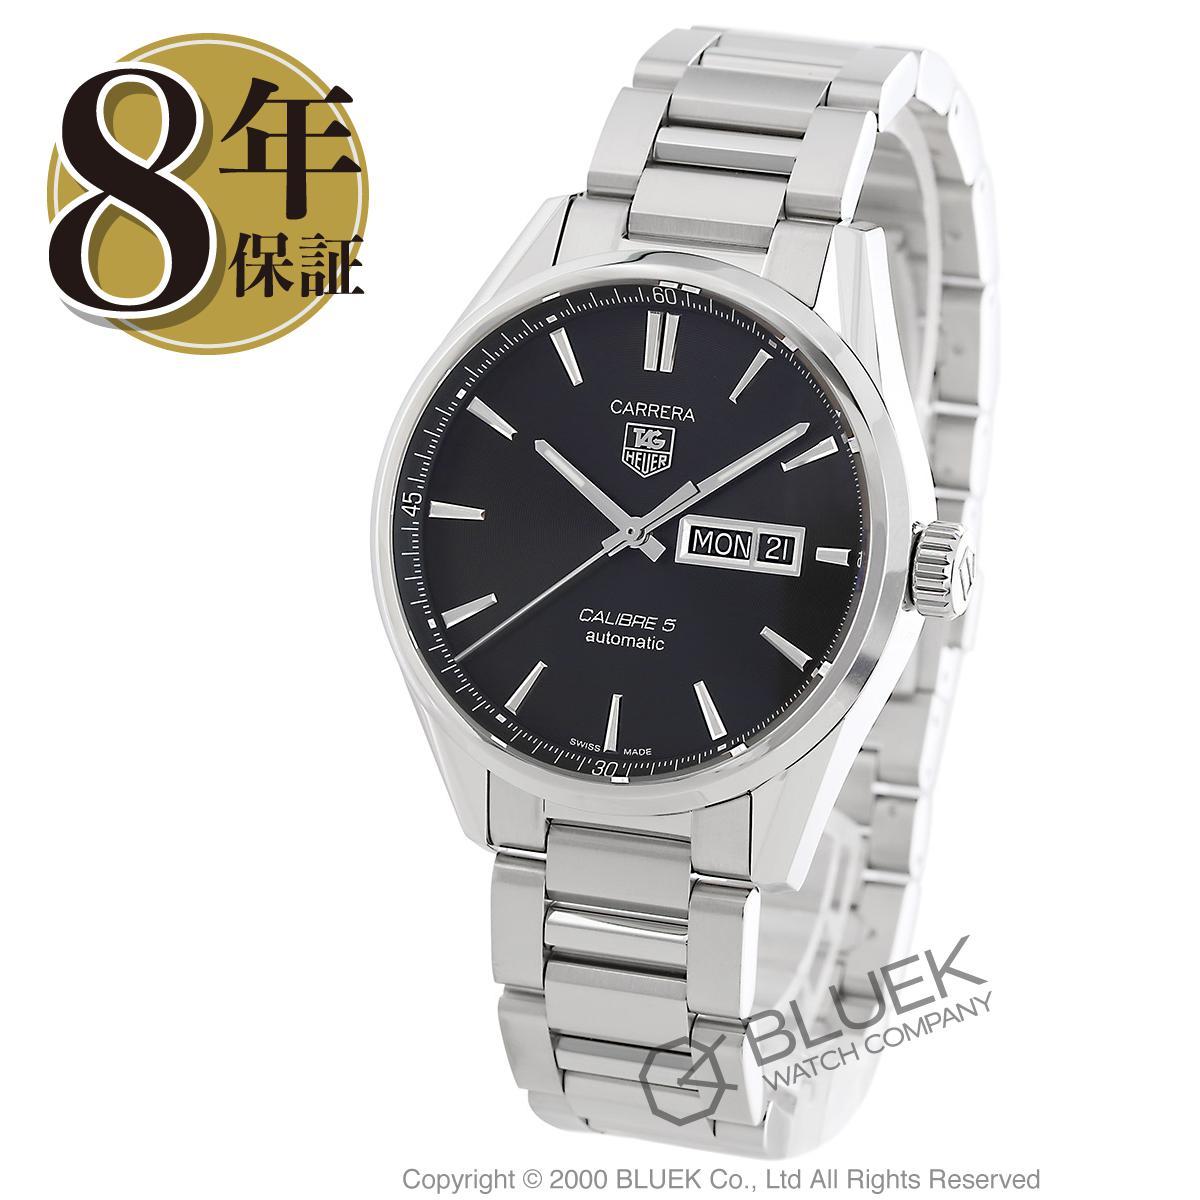 タグホイヤー カレラ 腕時計 メンズ TAG Heuer WAR201A.BA0723_8 バーゲン ギフト プレゼント